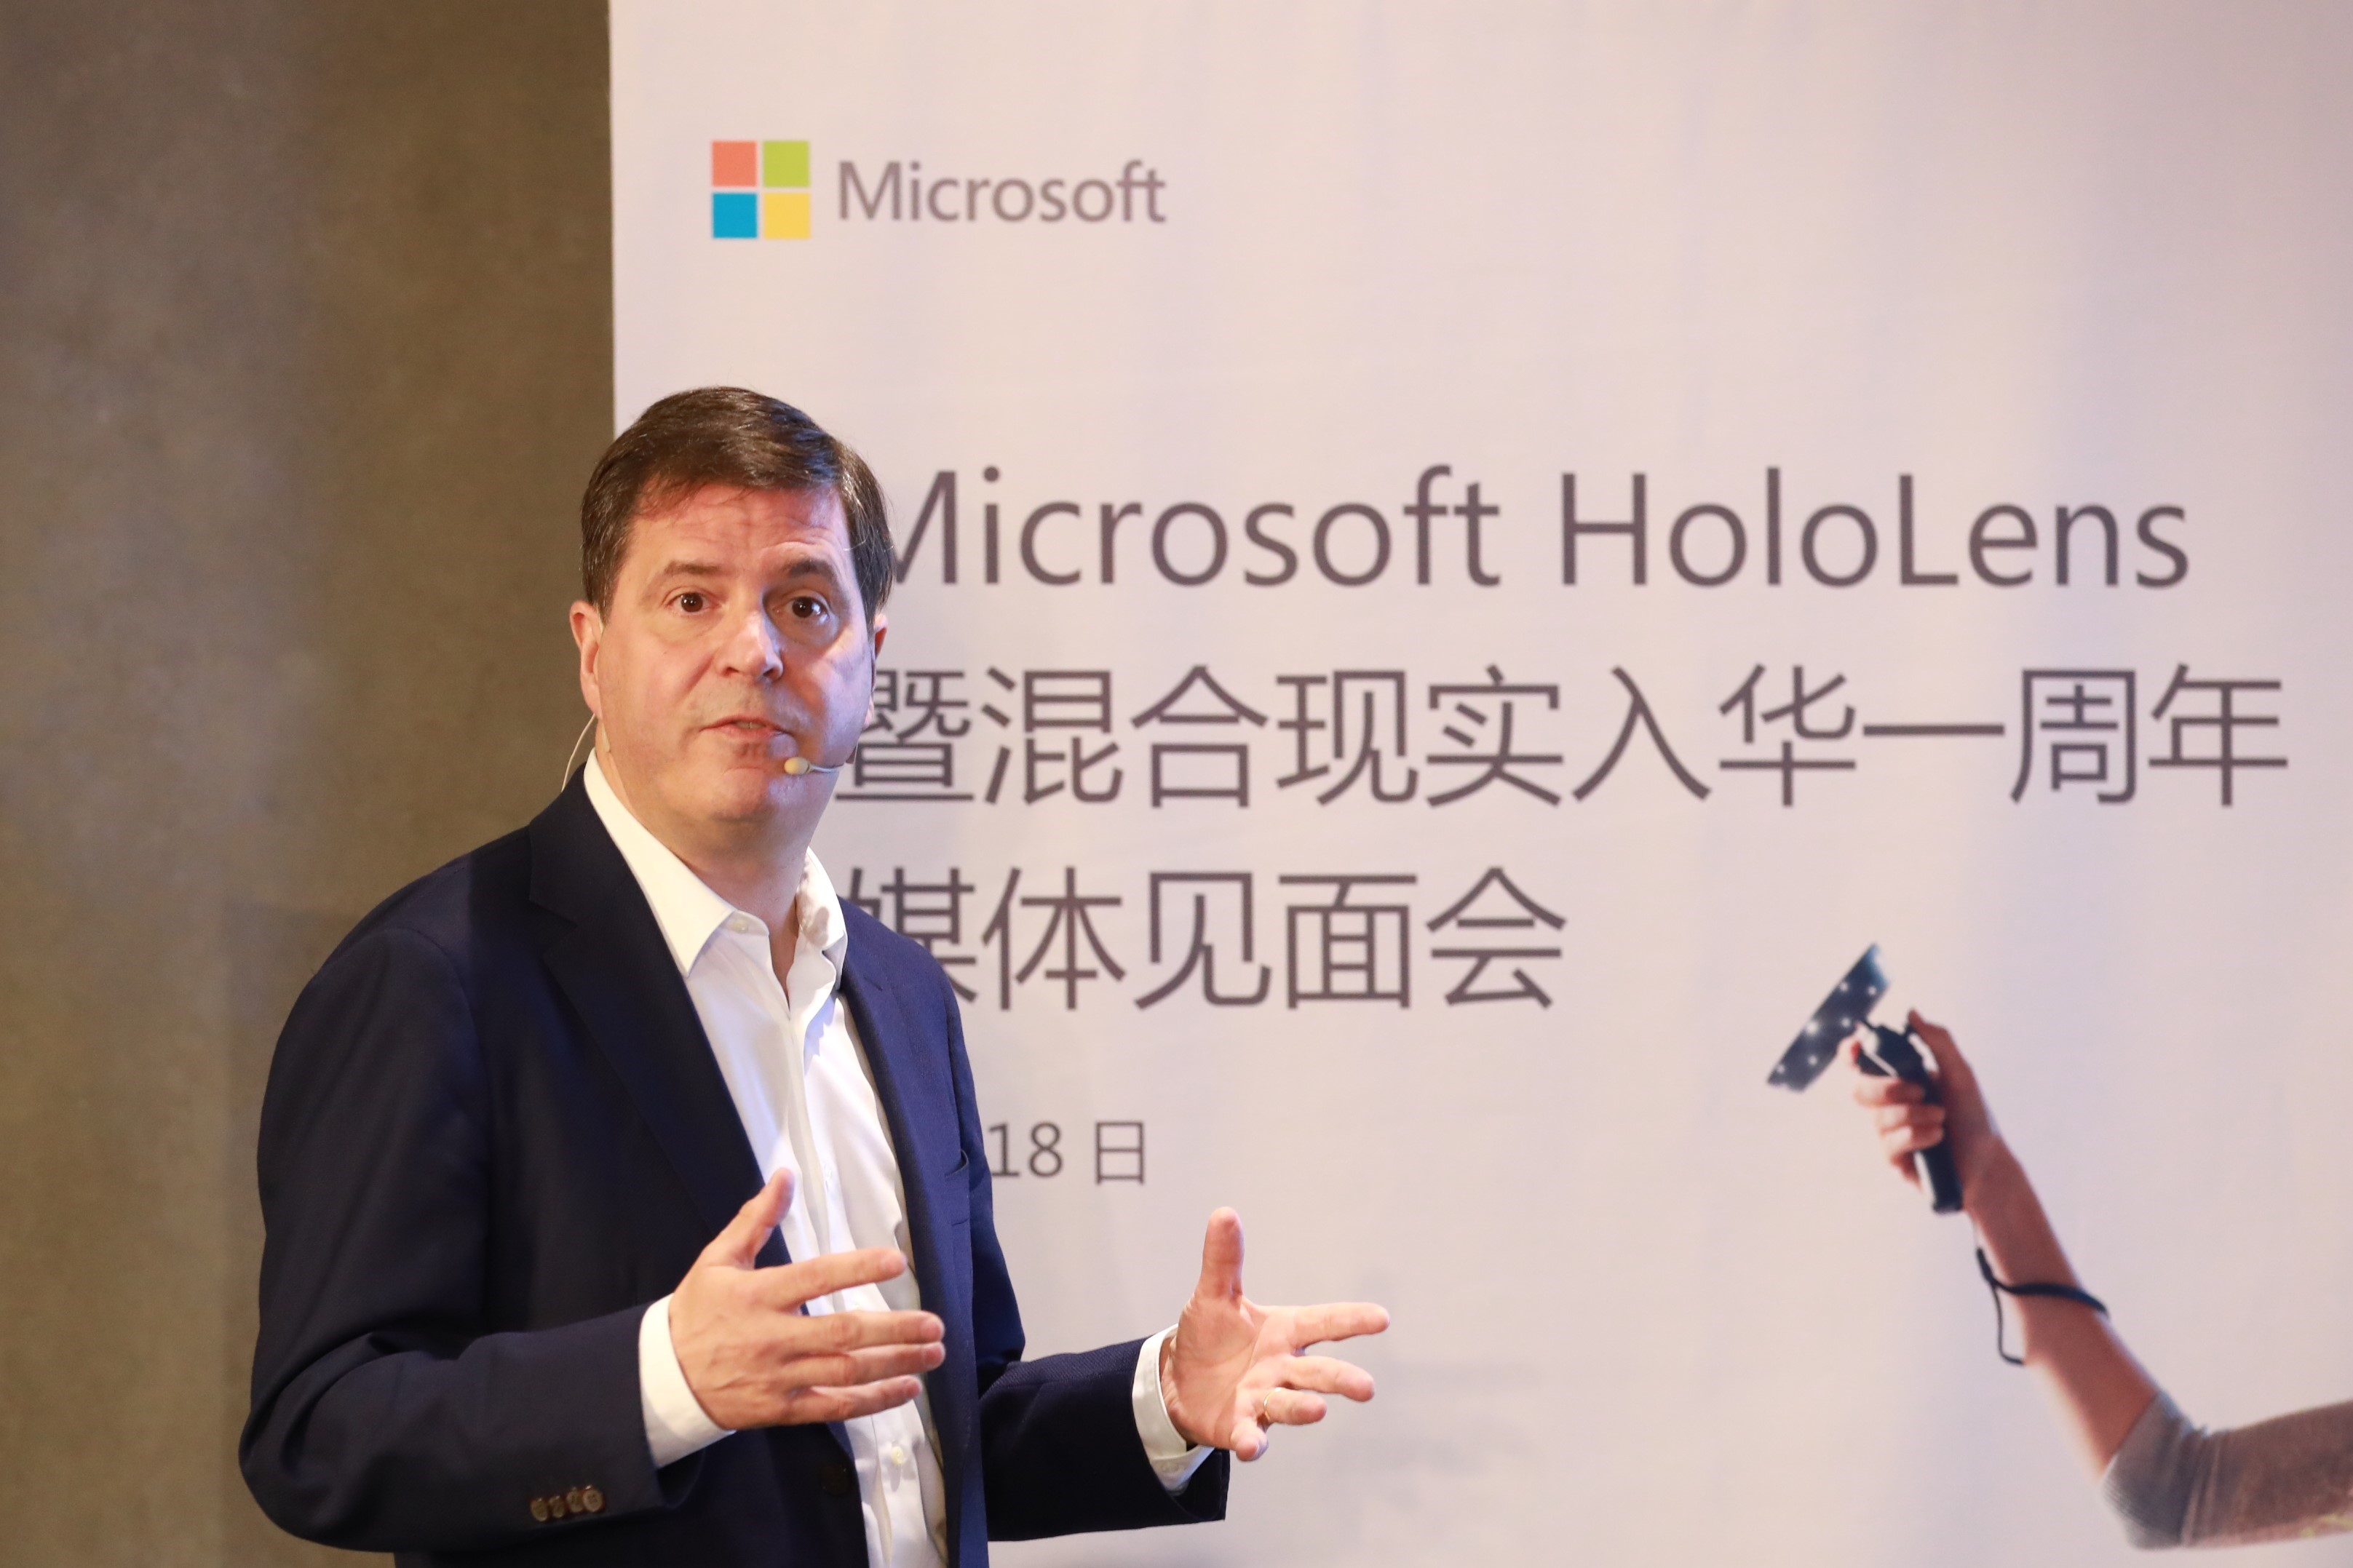 微软HoloLens携手中国生态圈共推各行业数字化转型